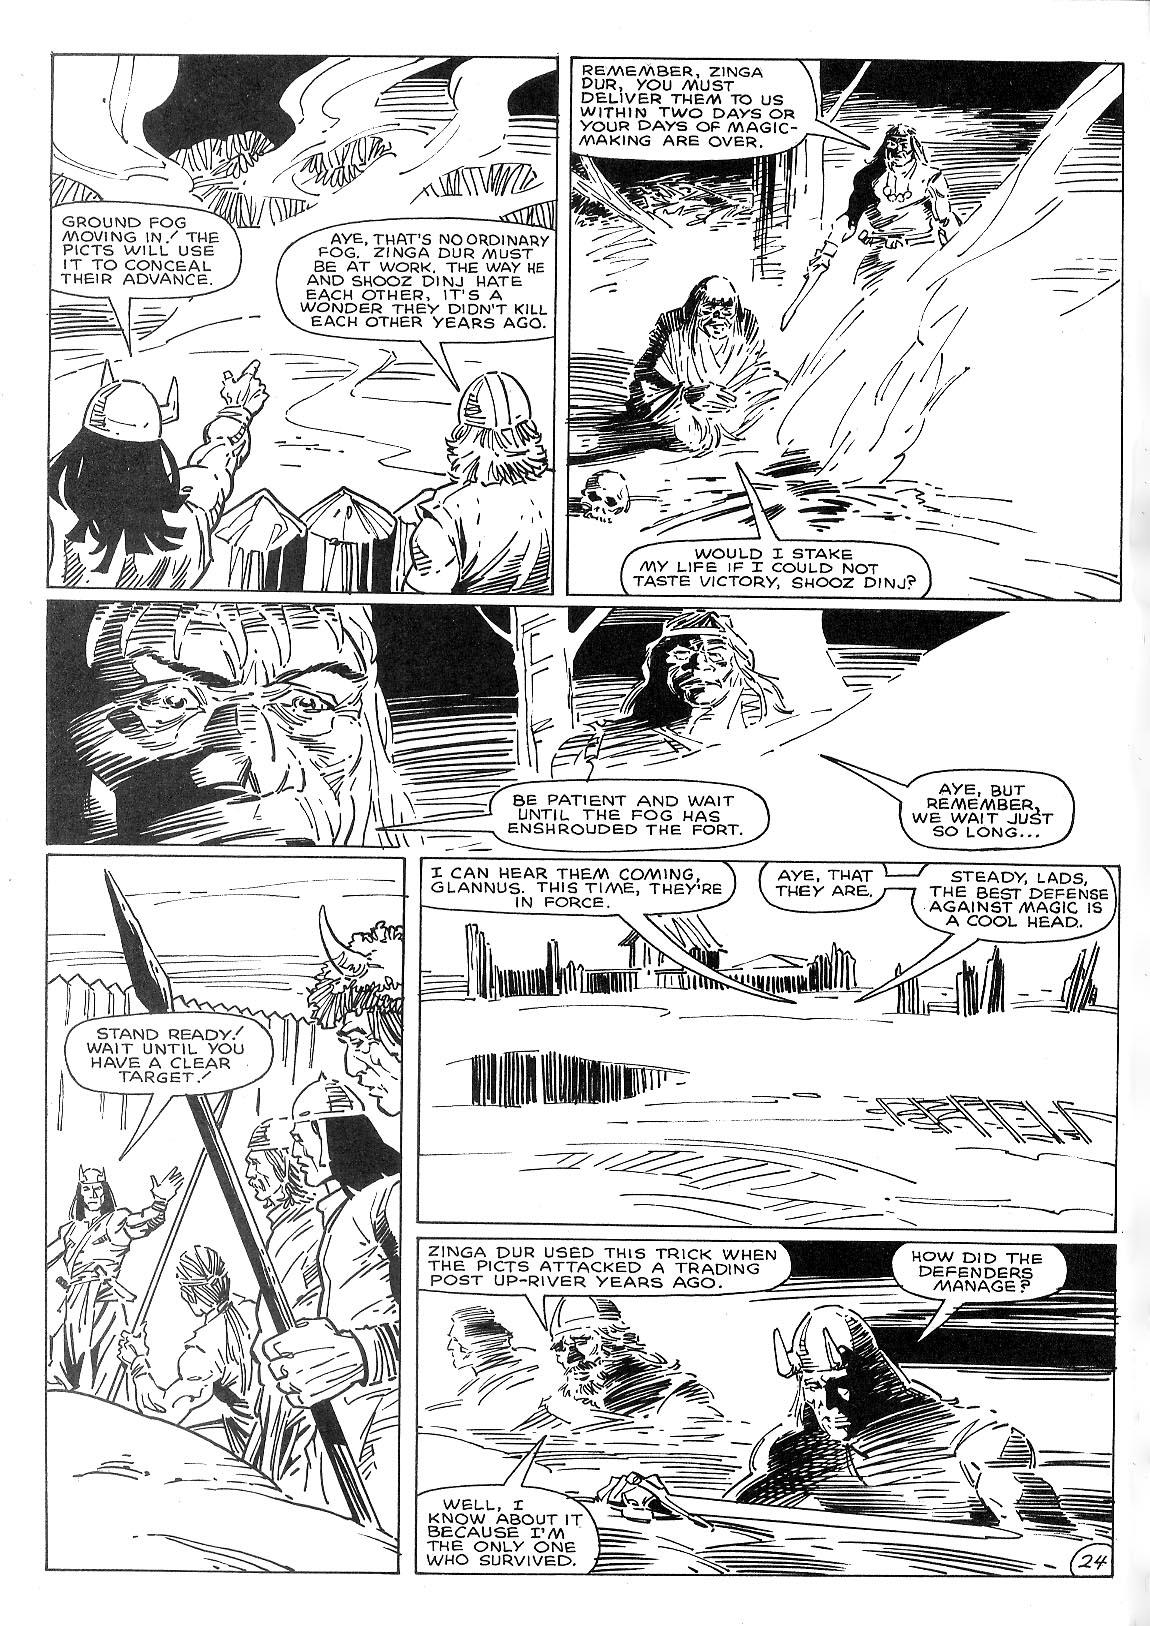 dXRULzcAHk #93 - English 30